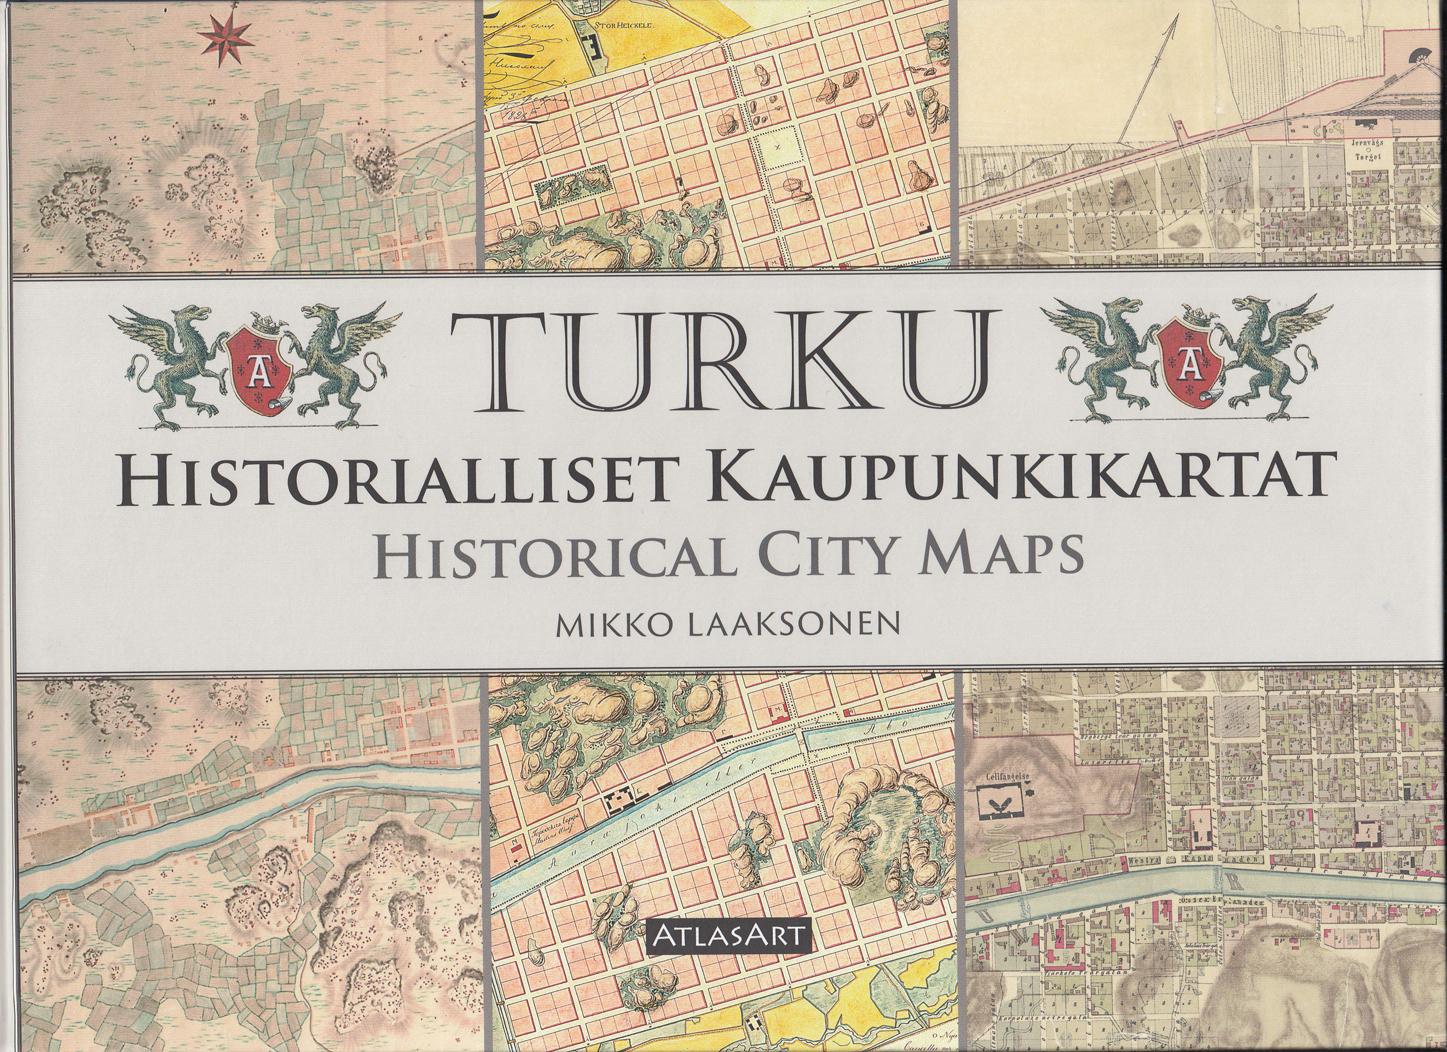 Mikko Laaksonen Turku Historialliset Kaupunkikartat Sammakon